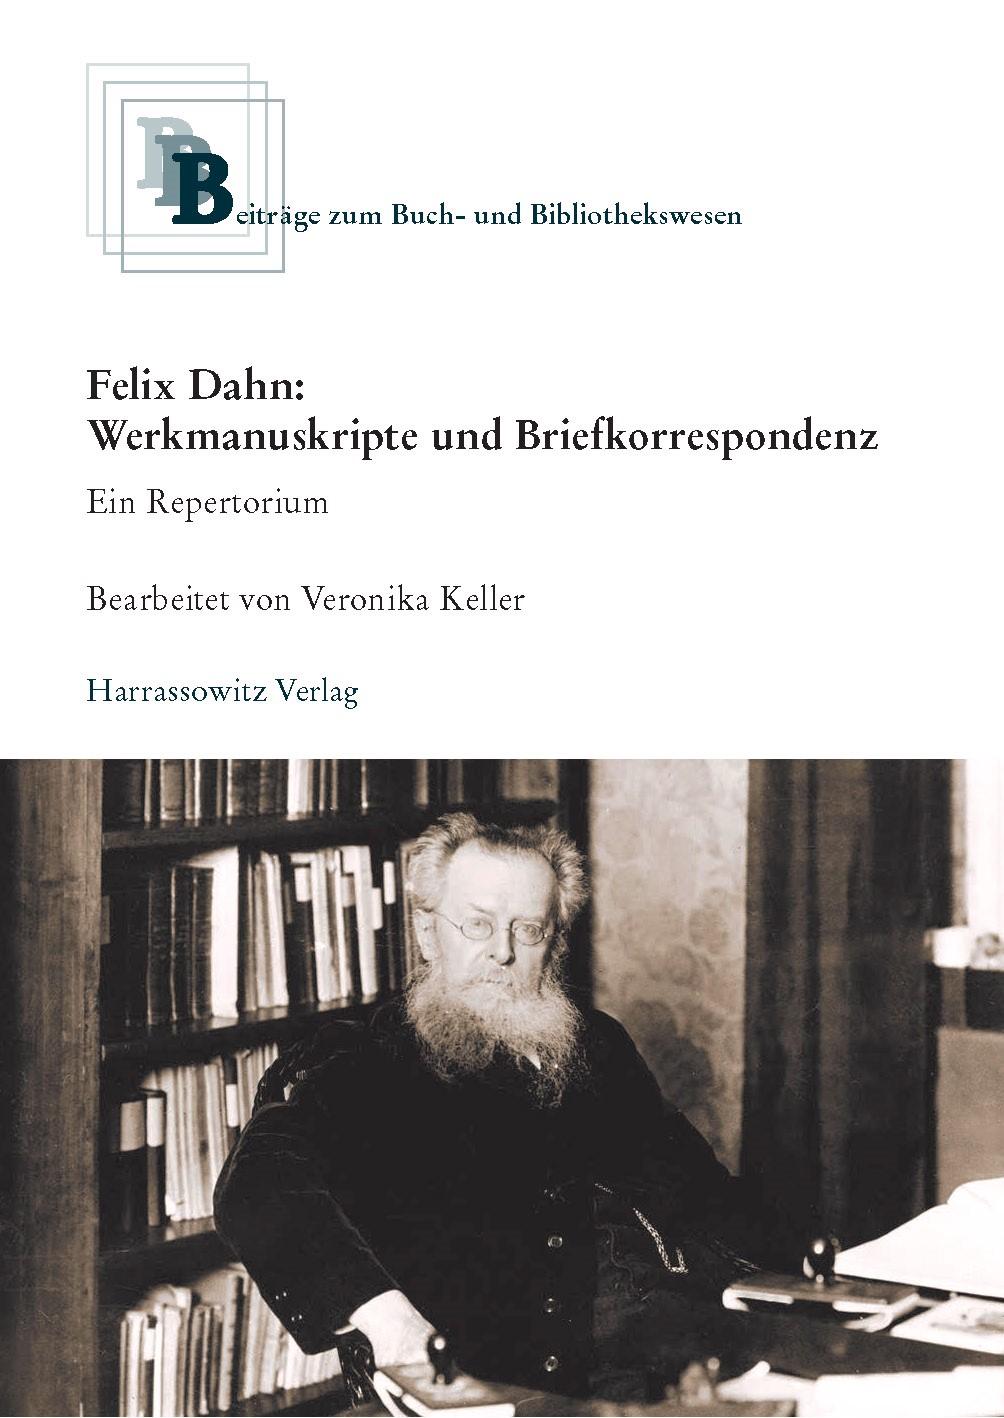 Felix Dahn: Werkmanuskripte und Briefkorrespondenz. Ein Repertorium | Keller, 2016 | Buch (Cover)